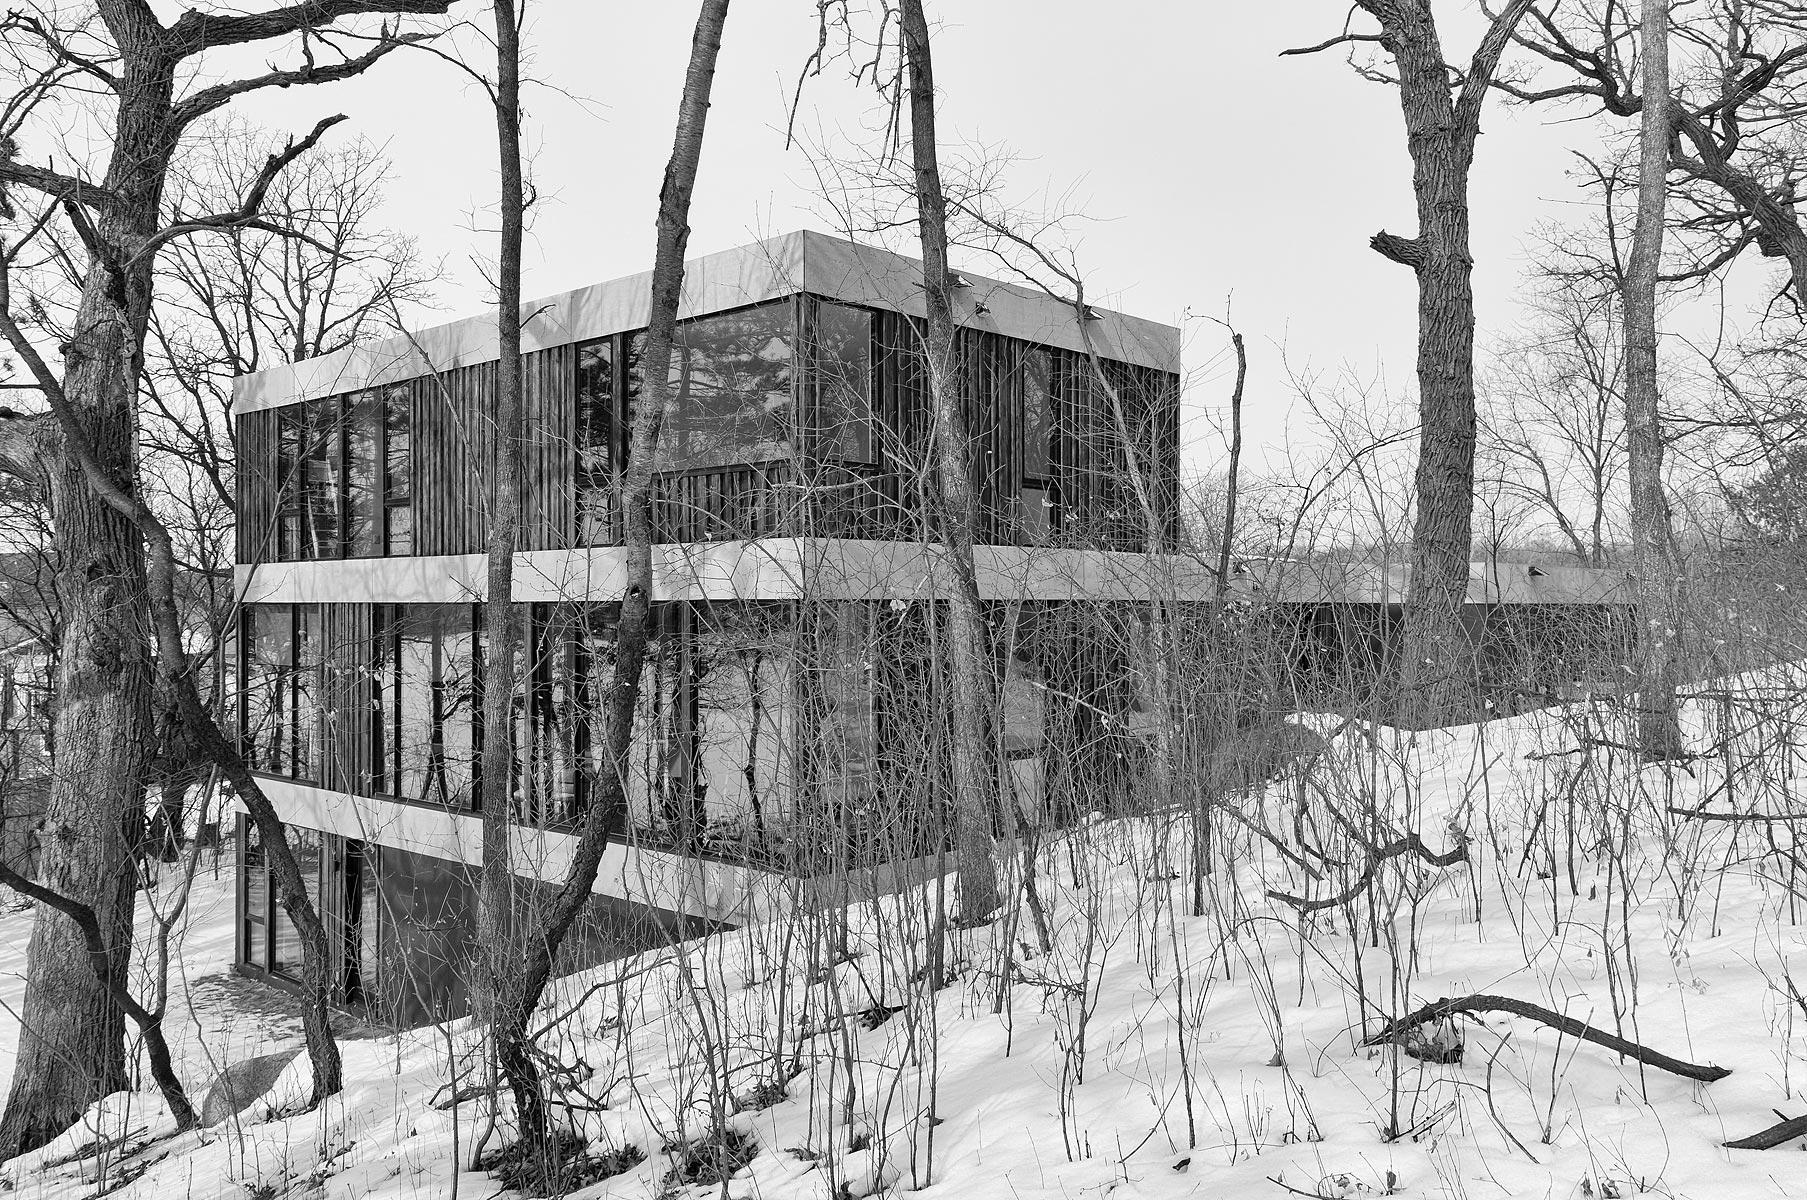 ALTUS-hanrehan-lake-house-5266-bw.jpg